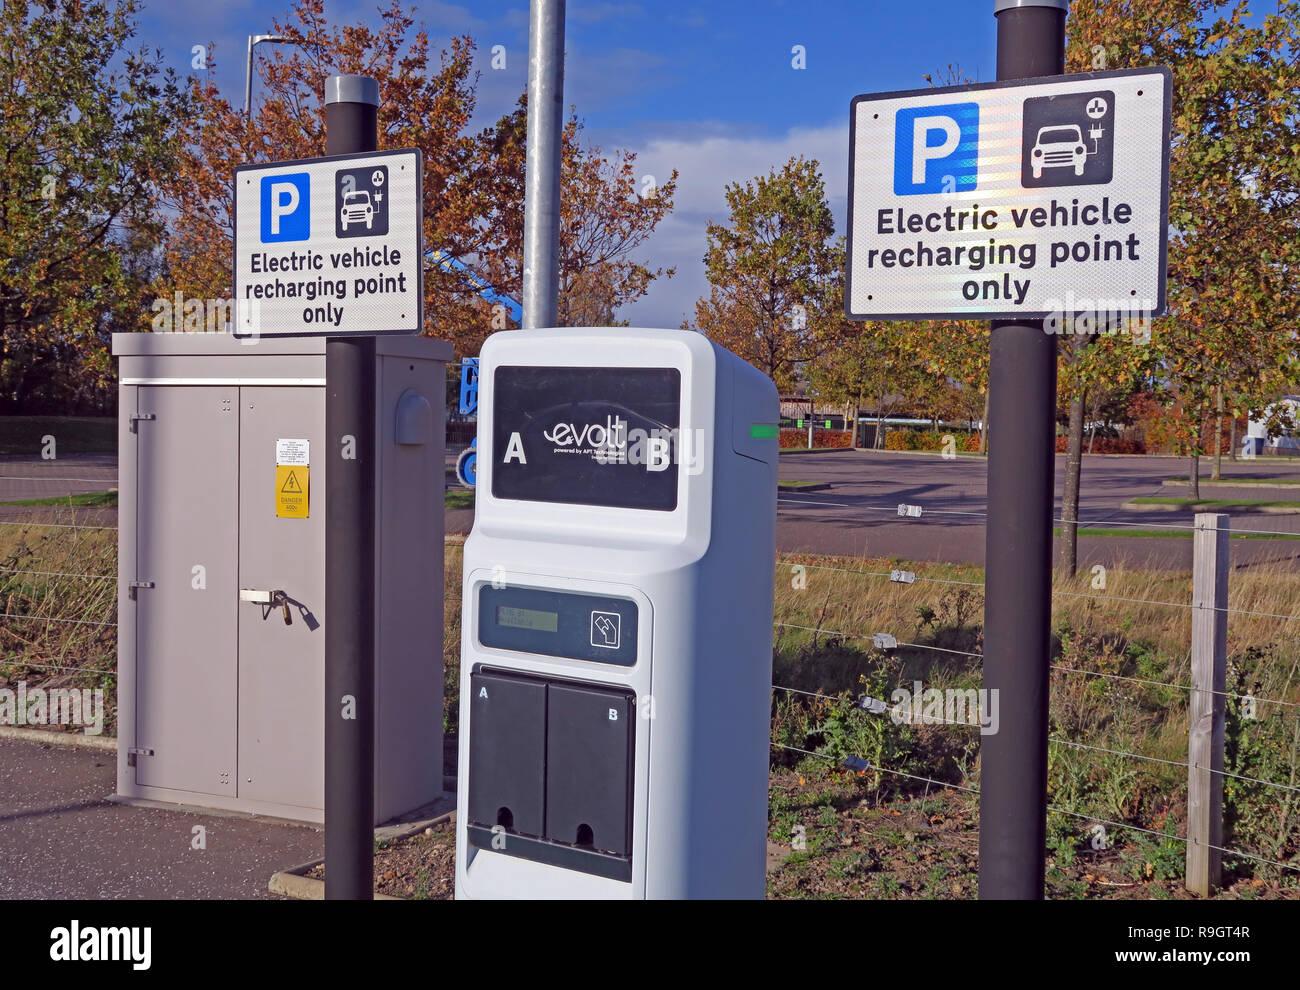 Dieses Stockfoto: Elektrofahrzeug aufladen, Ladestation, Eskbank College, Dalkeith, Midlothian, Schottland, Großbritannien - R9GT4R